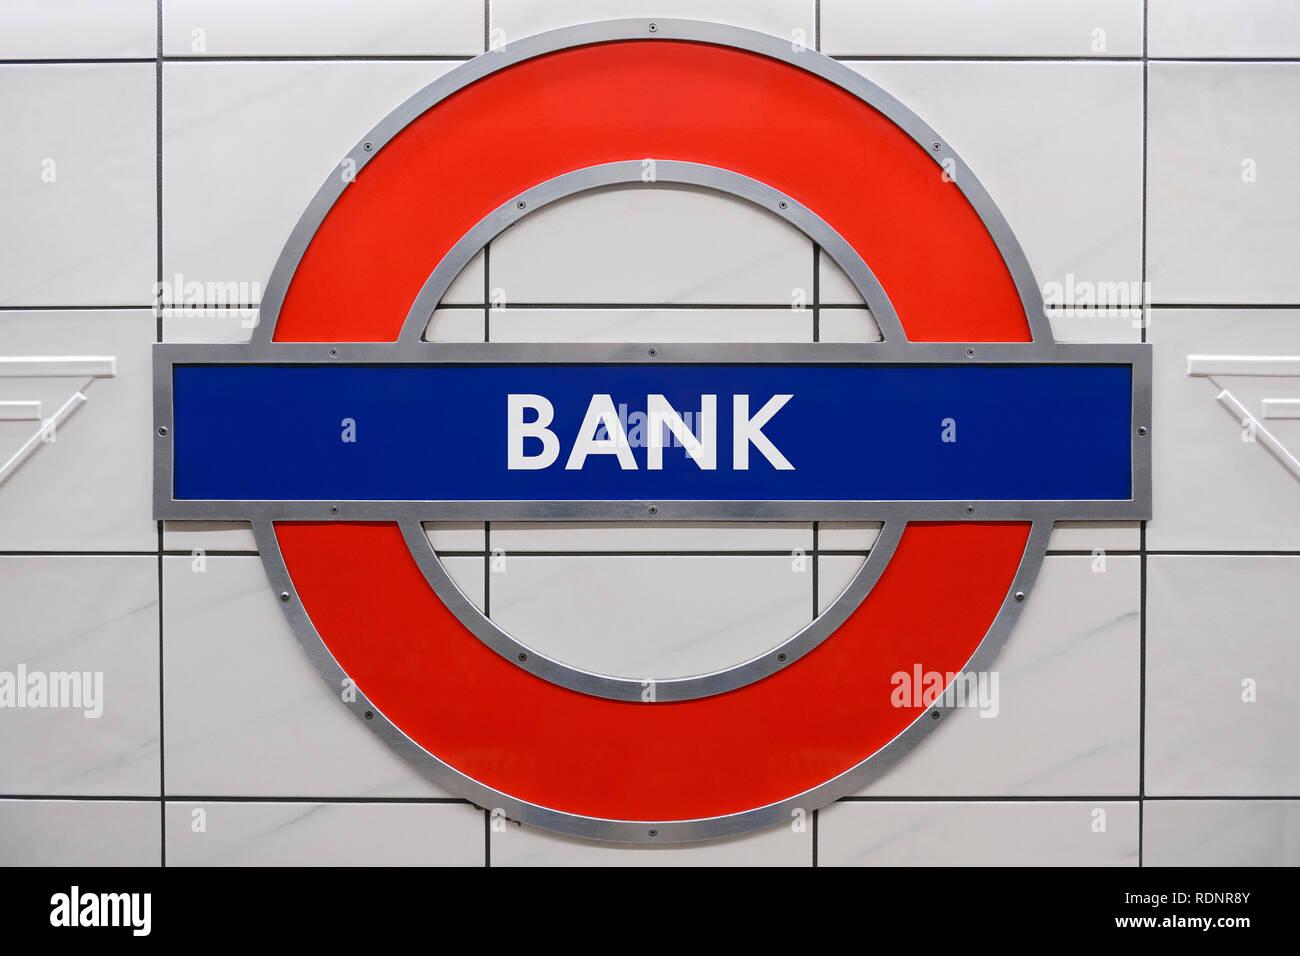 Bank Underground Station Sign, London, United Kingdom - Stock Image